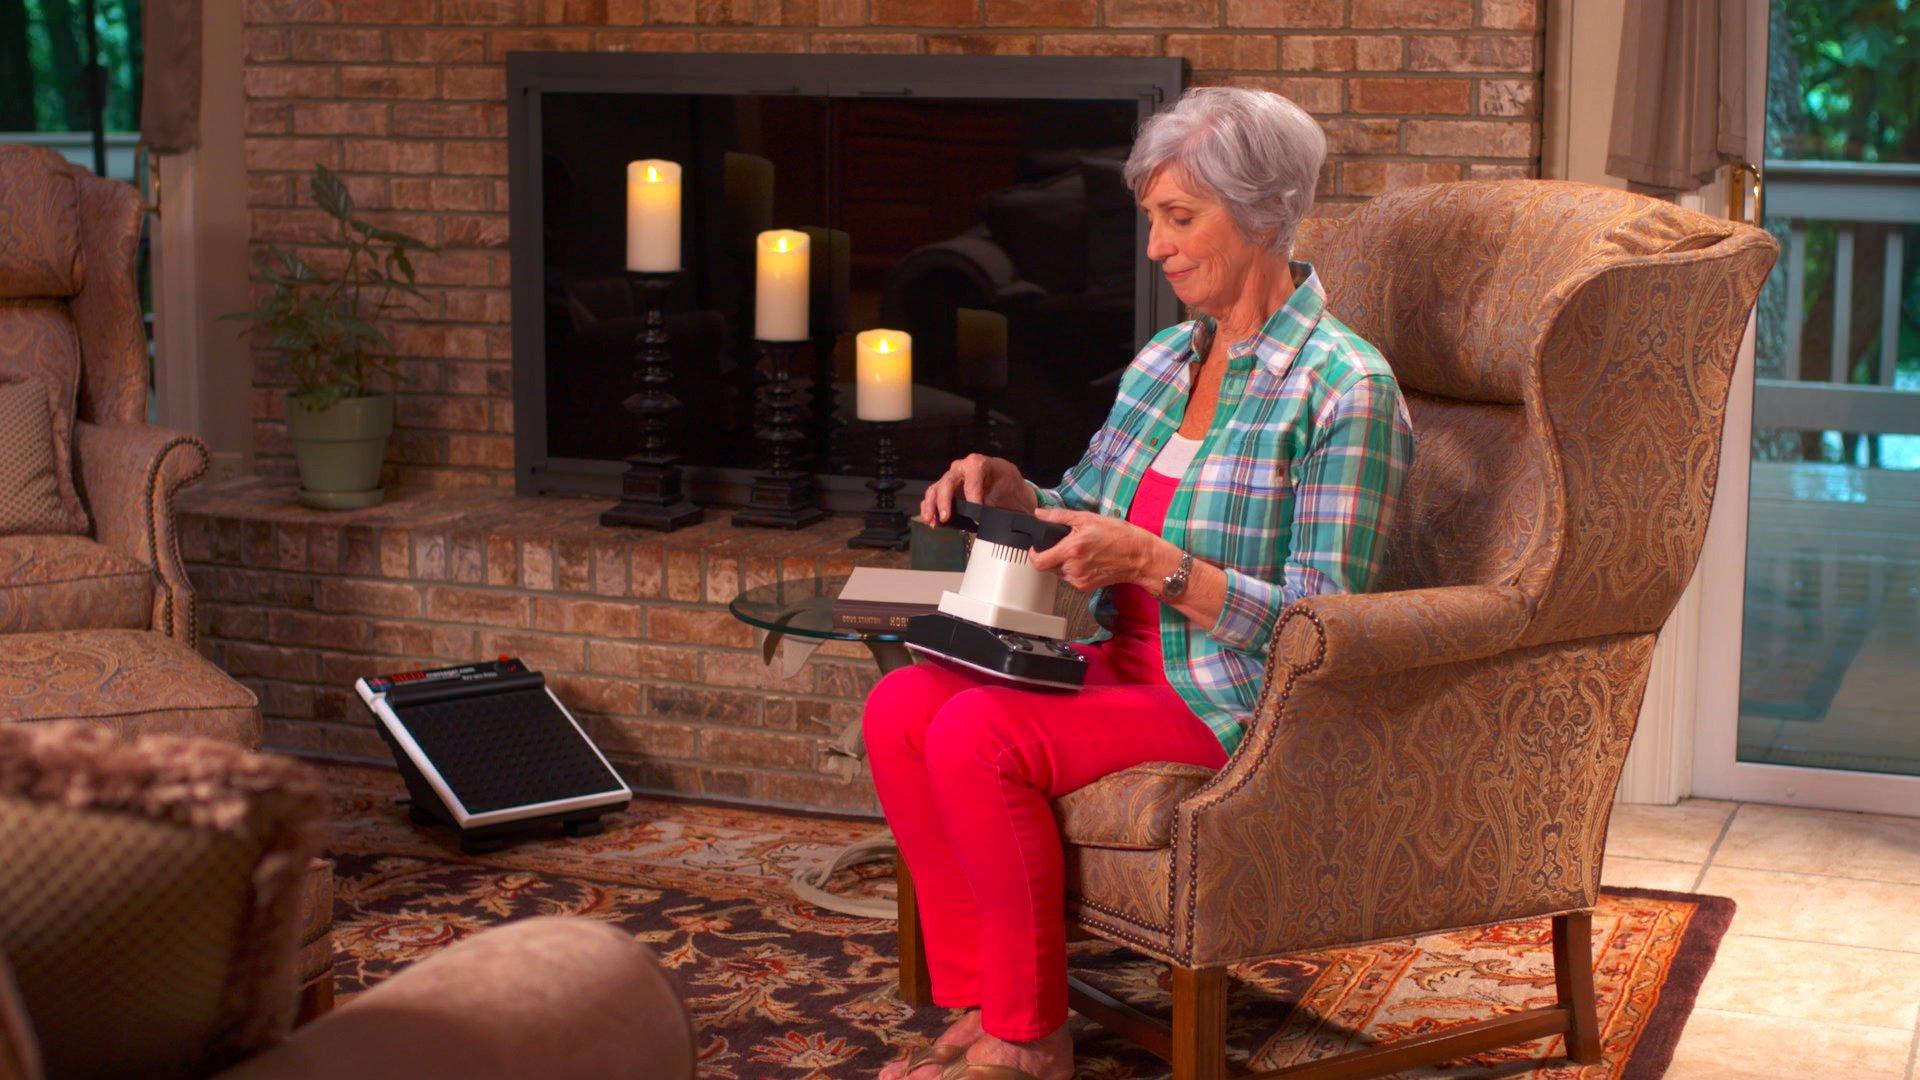 MEDMASSAGER Variable Speed Foot & Body Massager Combo by MEDMASSAGER